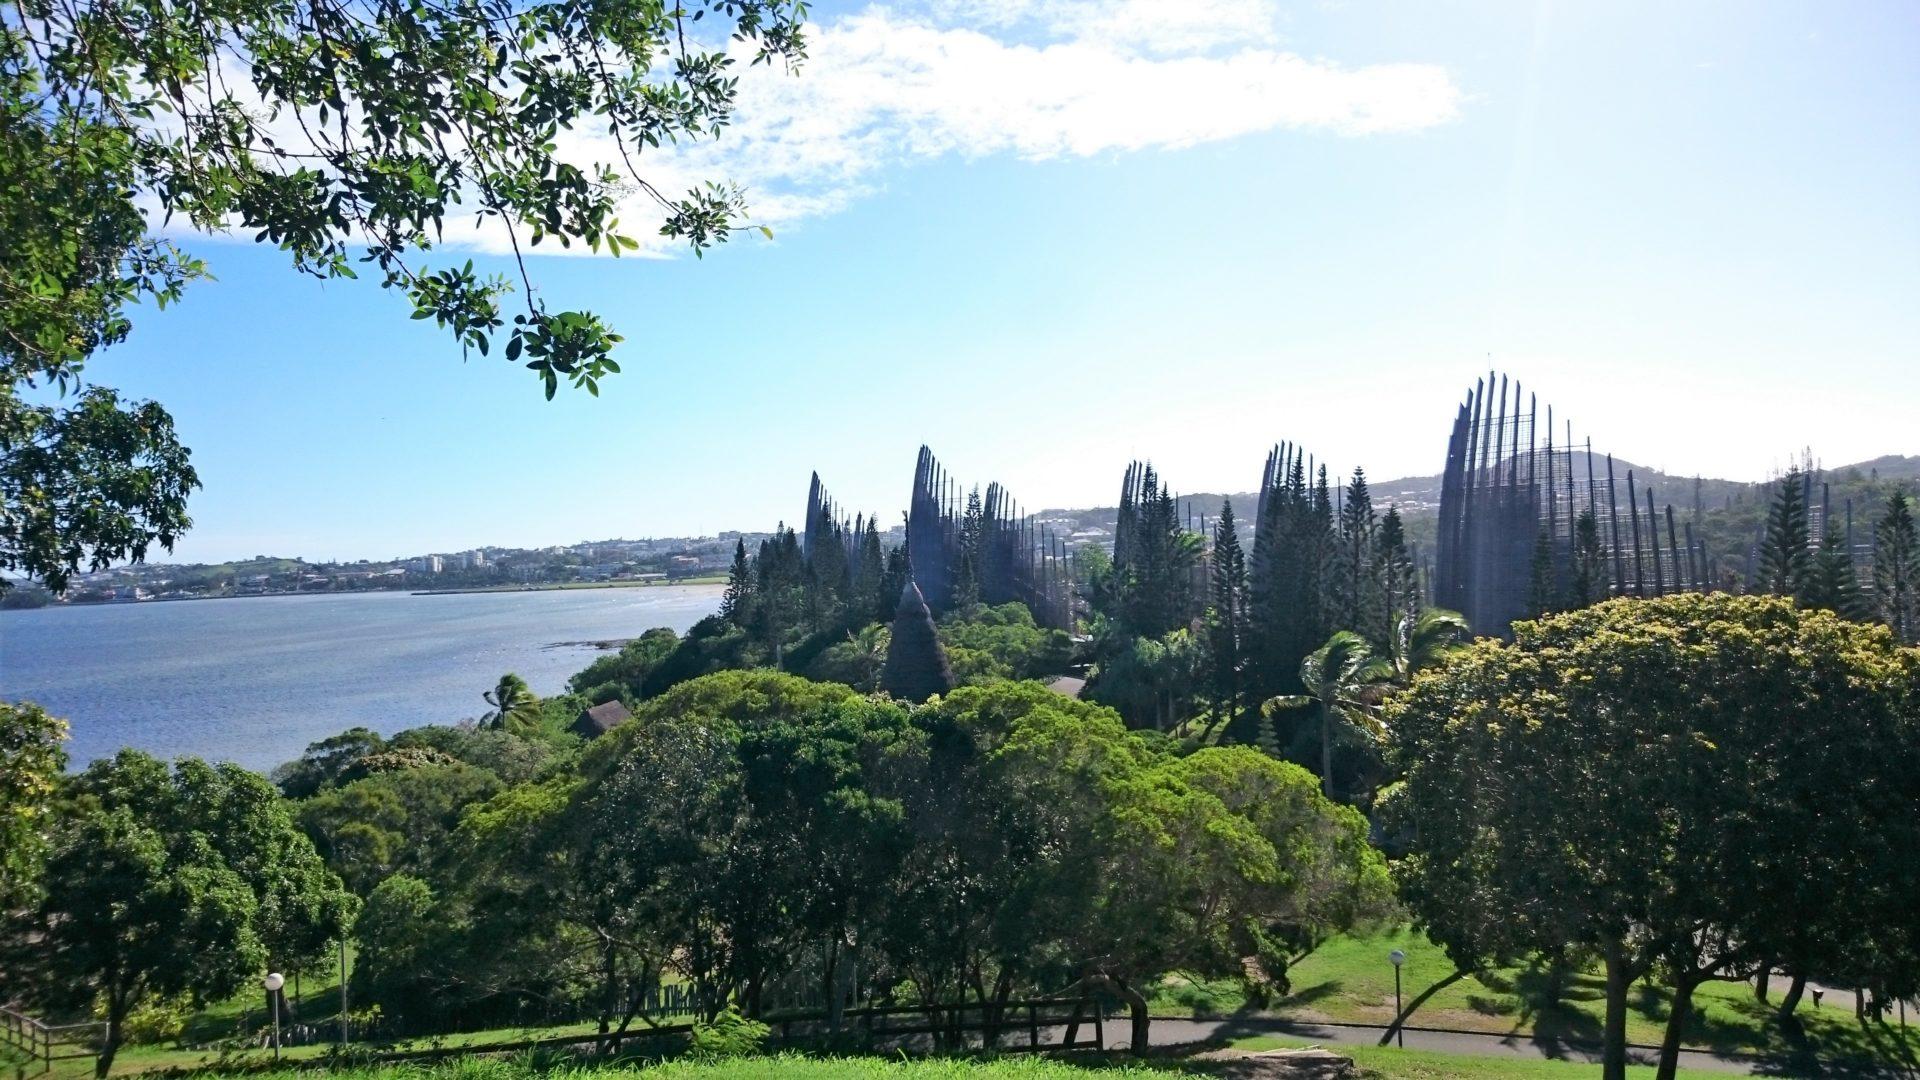 【亞太博物館連線專欄】新喀里多尼亞堤堡文化中心:創造性的文化傳承